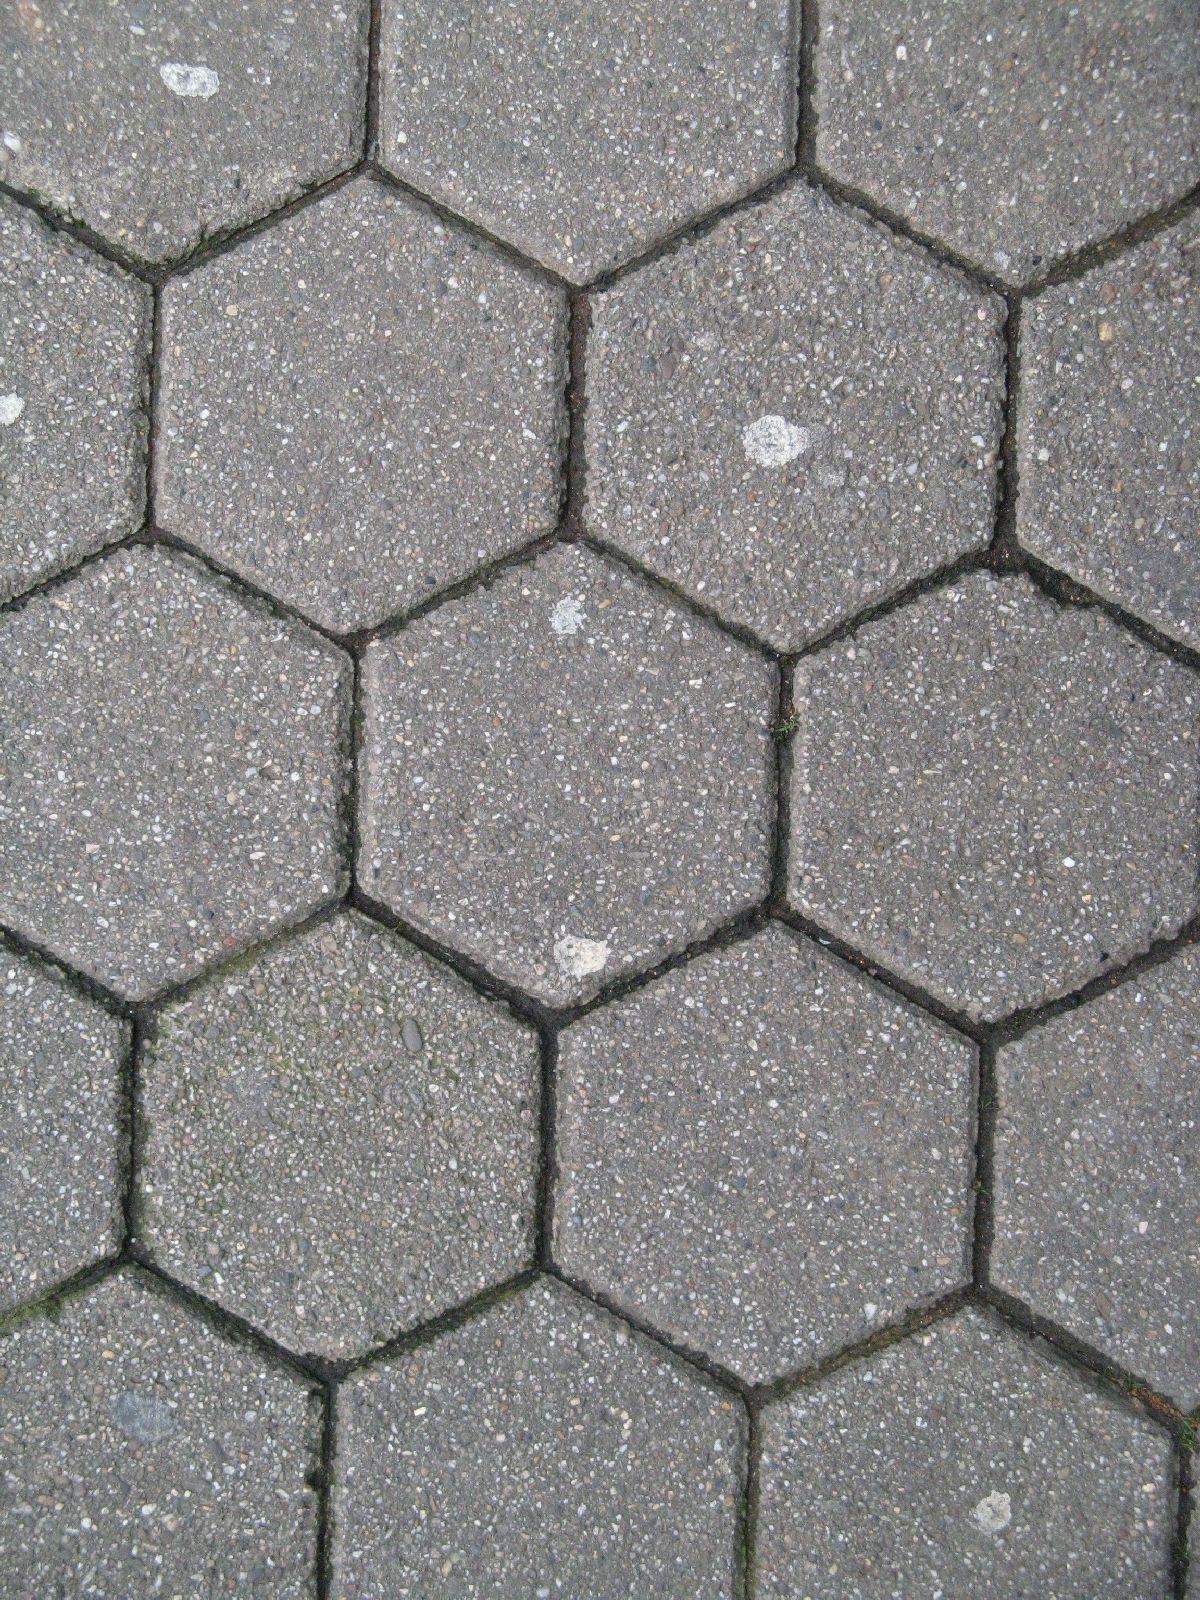 Boden-Gehweg-Strasse-Buergersteig-Textur_B_02400